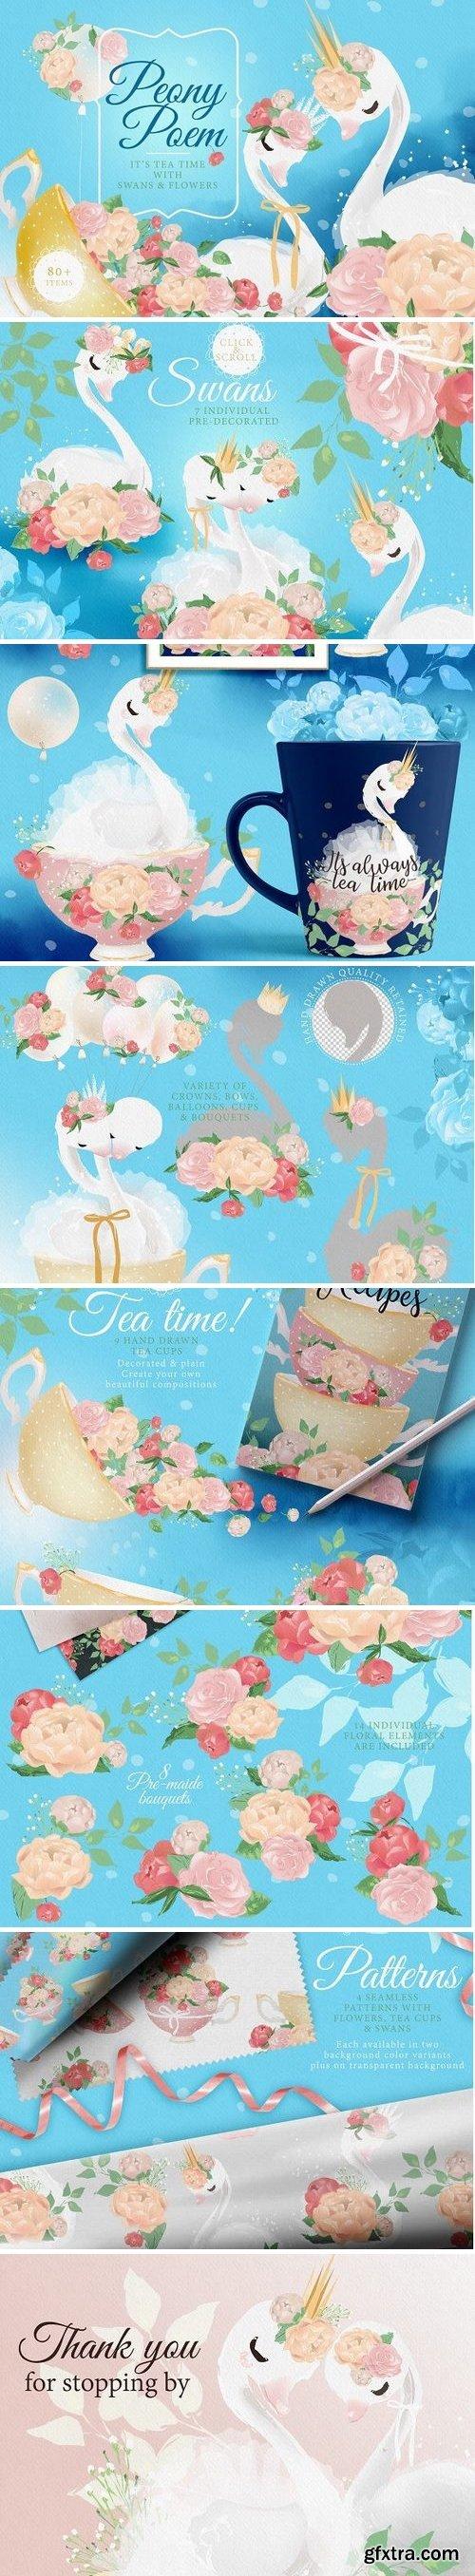 CM - Peony Poem - Tea Time 2421335